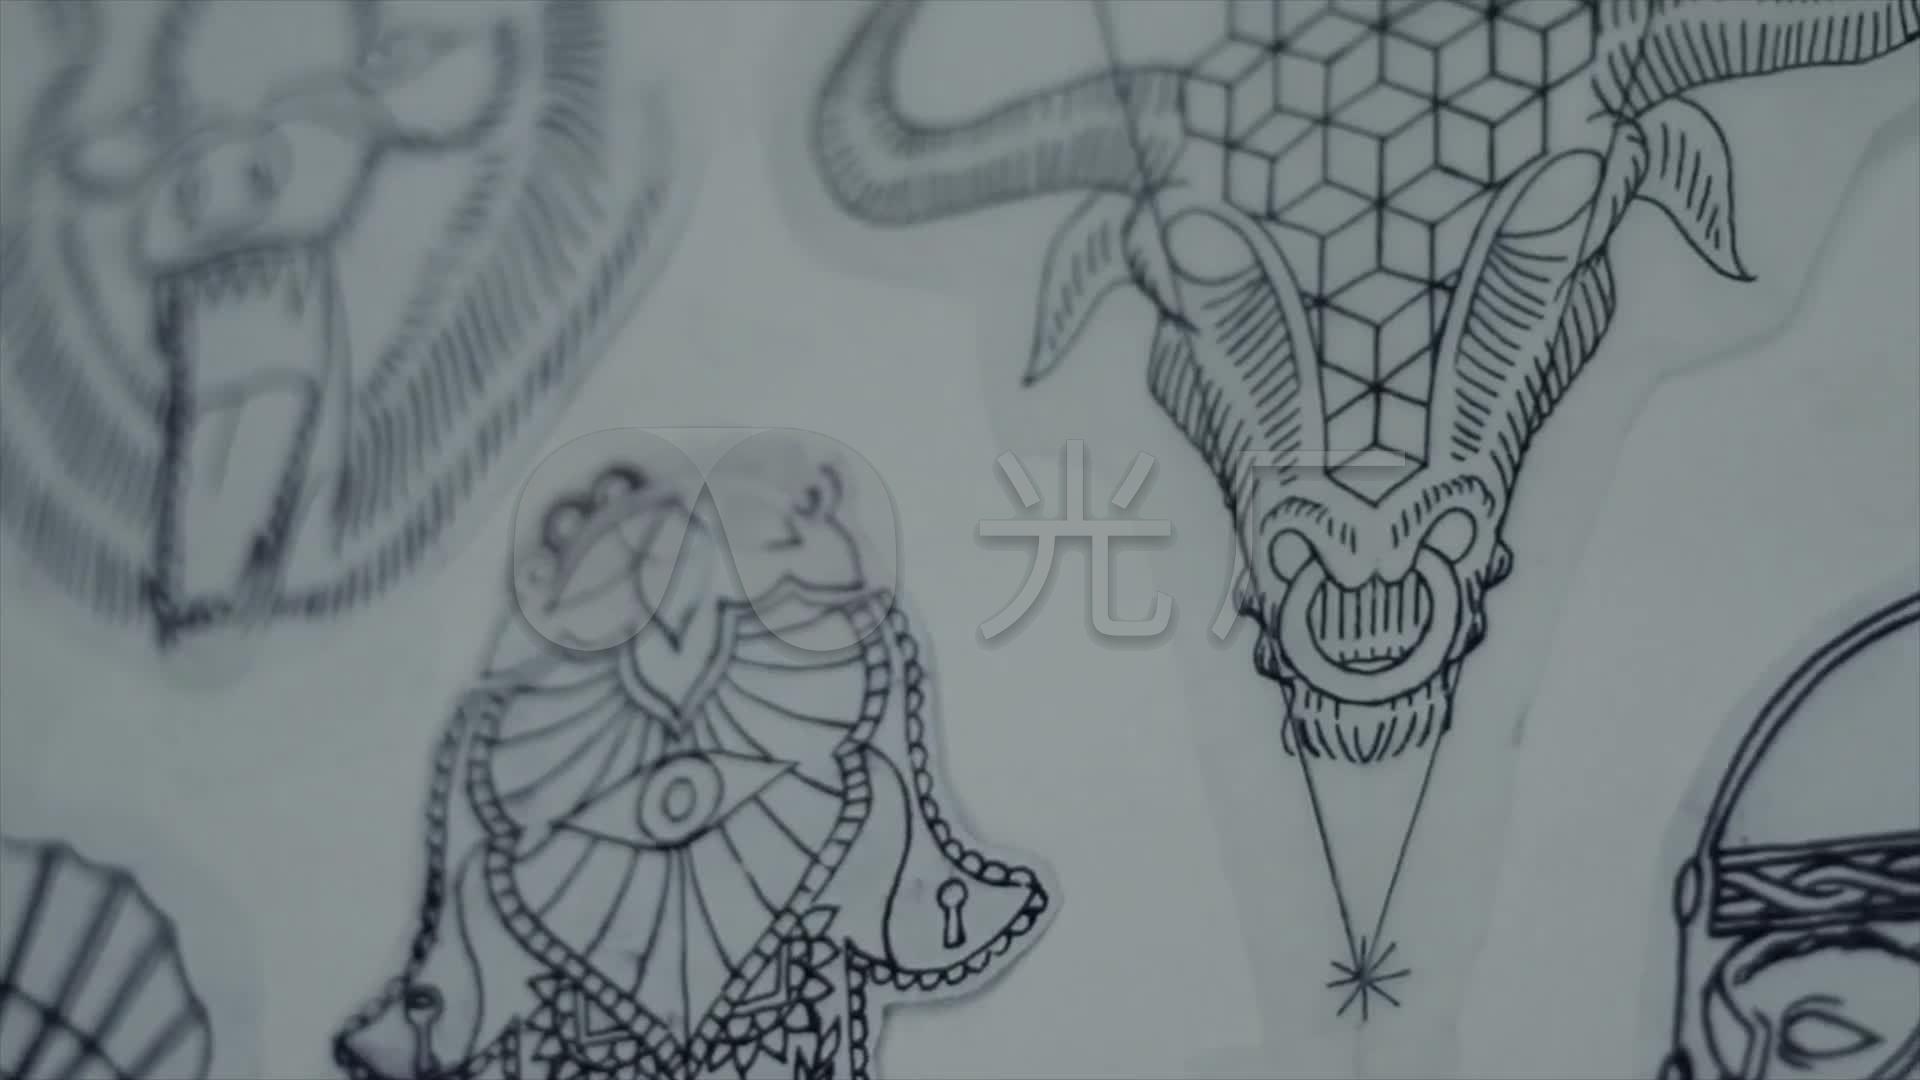 纹身图案选择设计修改纹身艺术画稿_1920x1080_高清